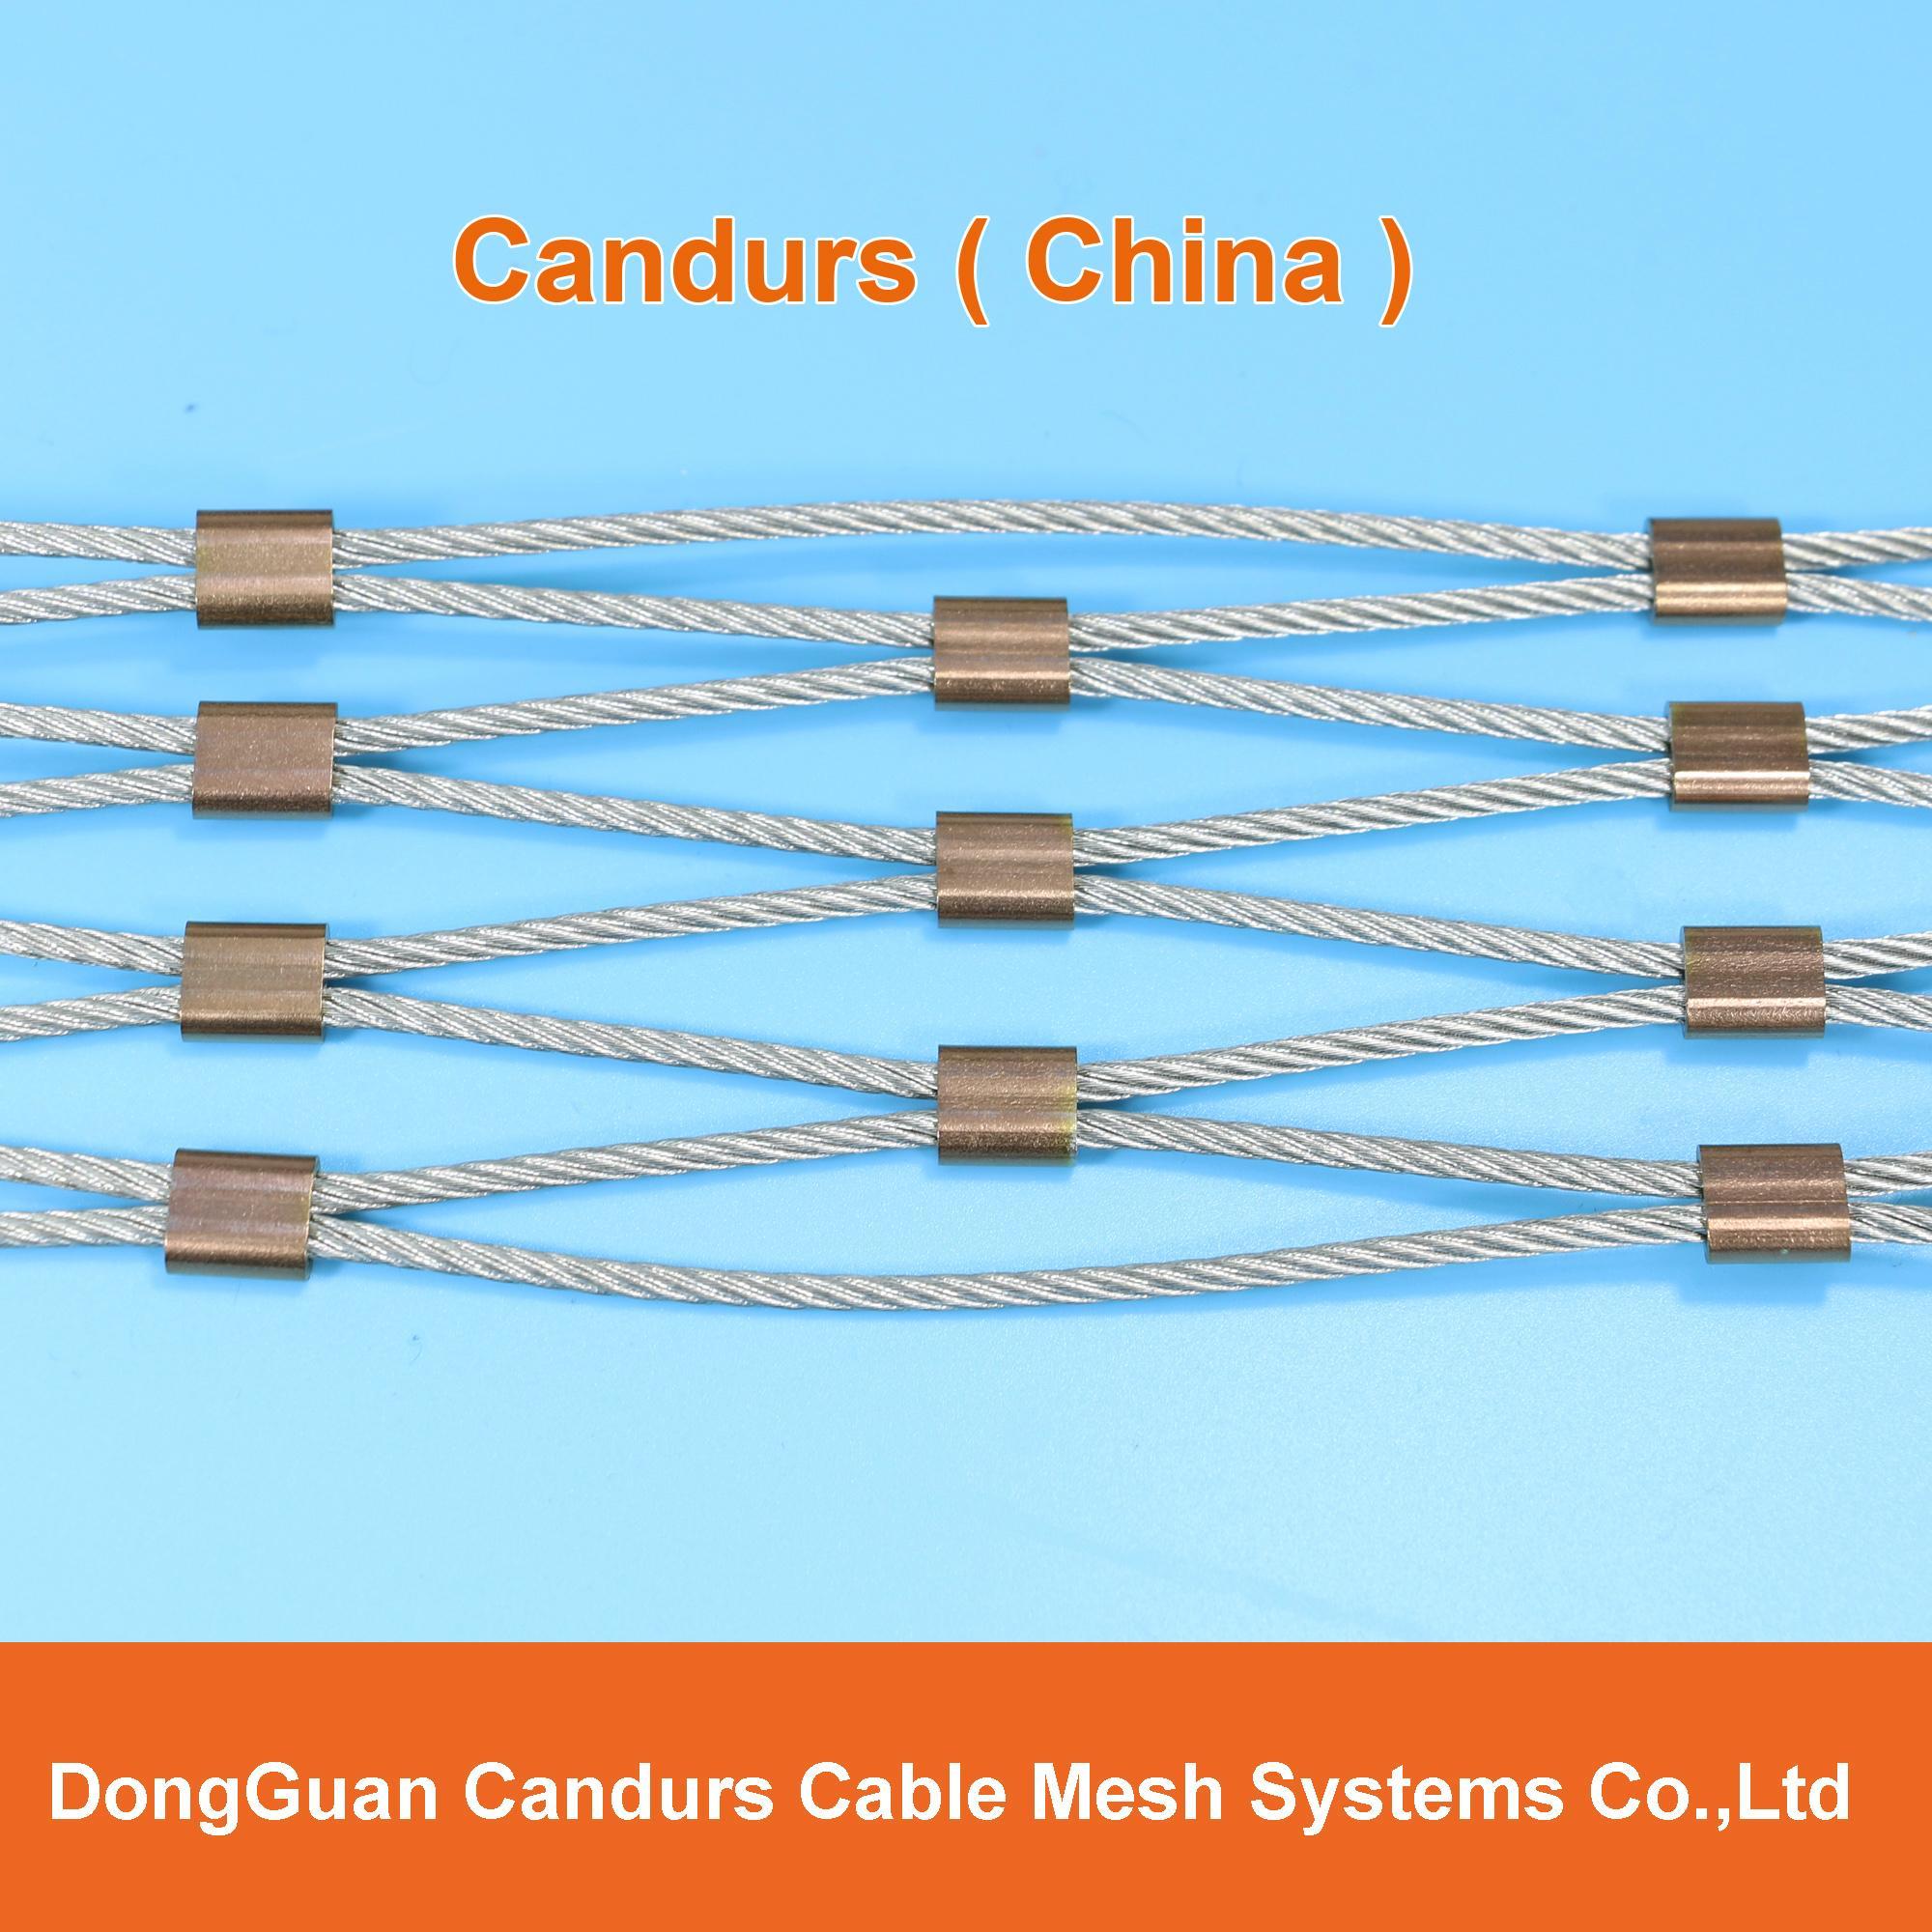 供應不鏽鋼壓扣鋼絲繩網 13